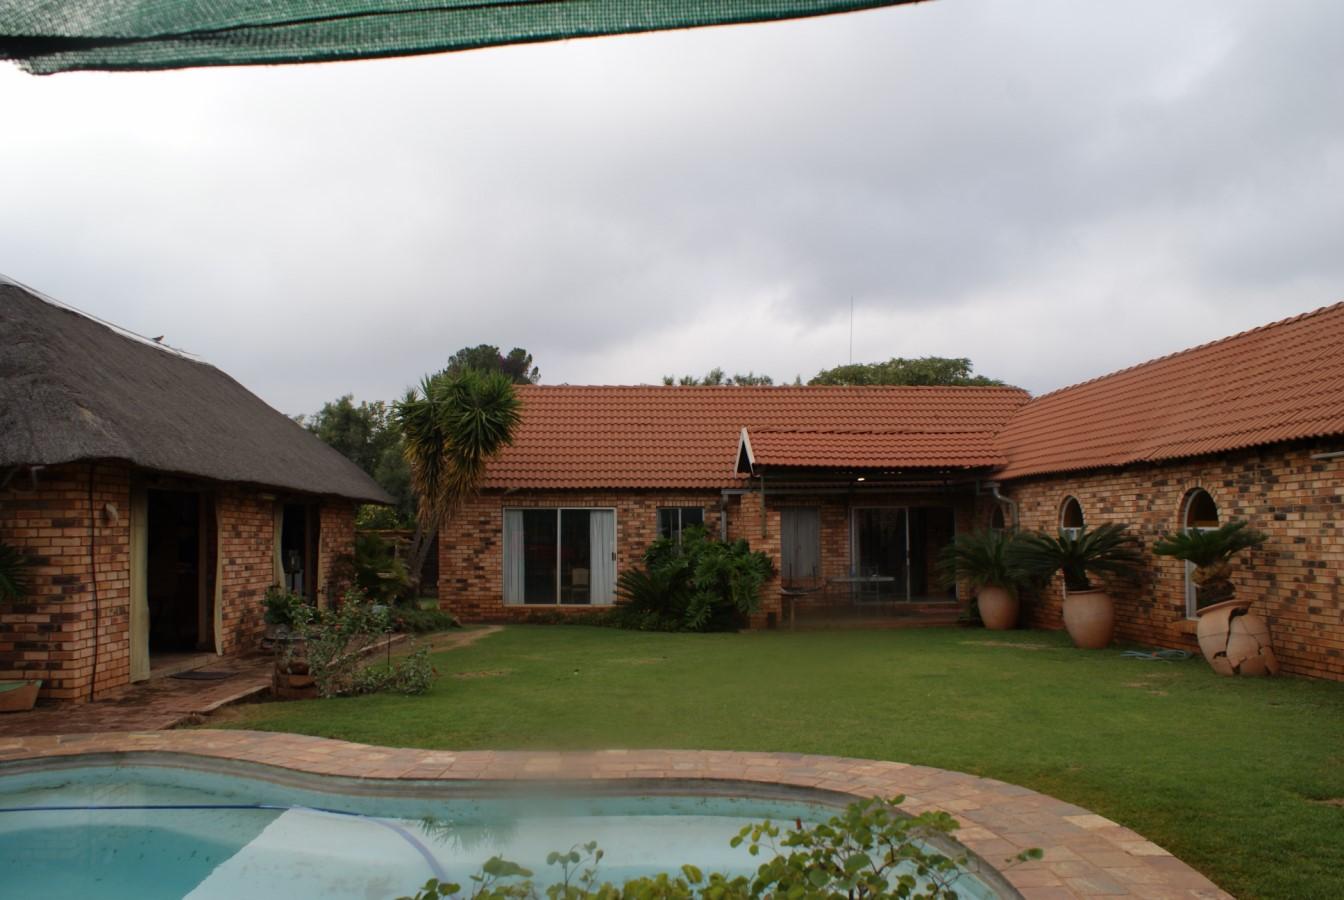 Kleinhoewe te koop. Prys drasties verminder. Tussen Pretoria en Brits op R513/ Van Der Hoff weg